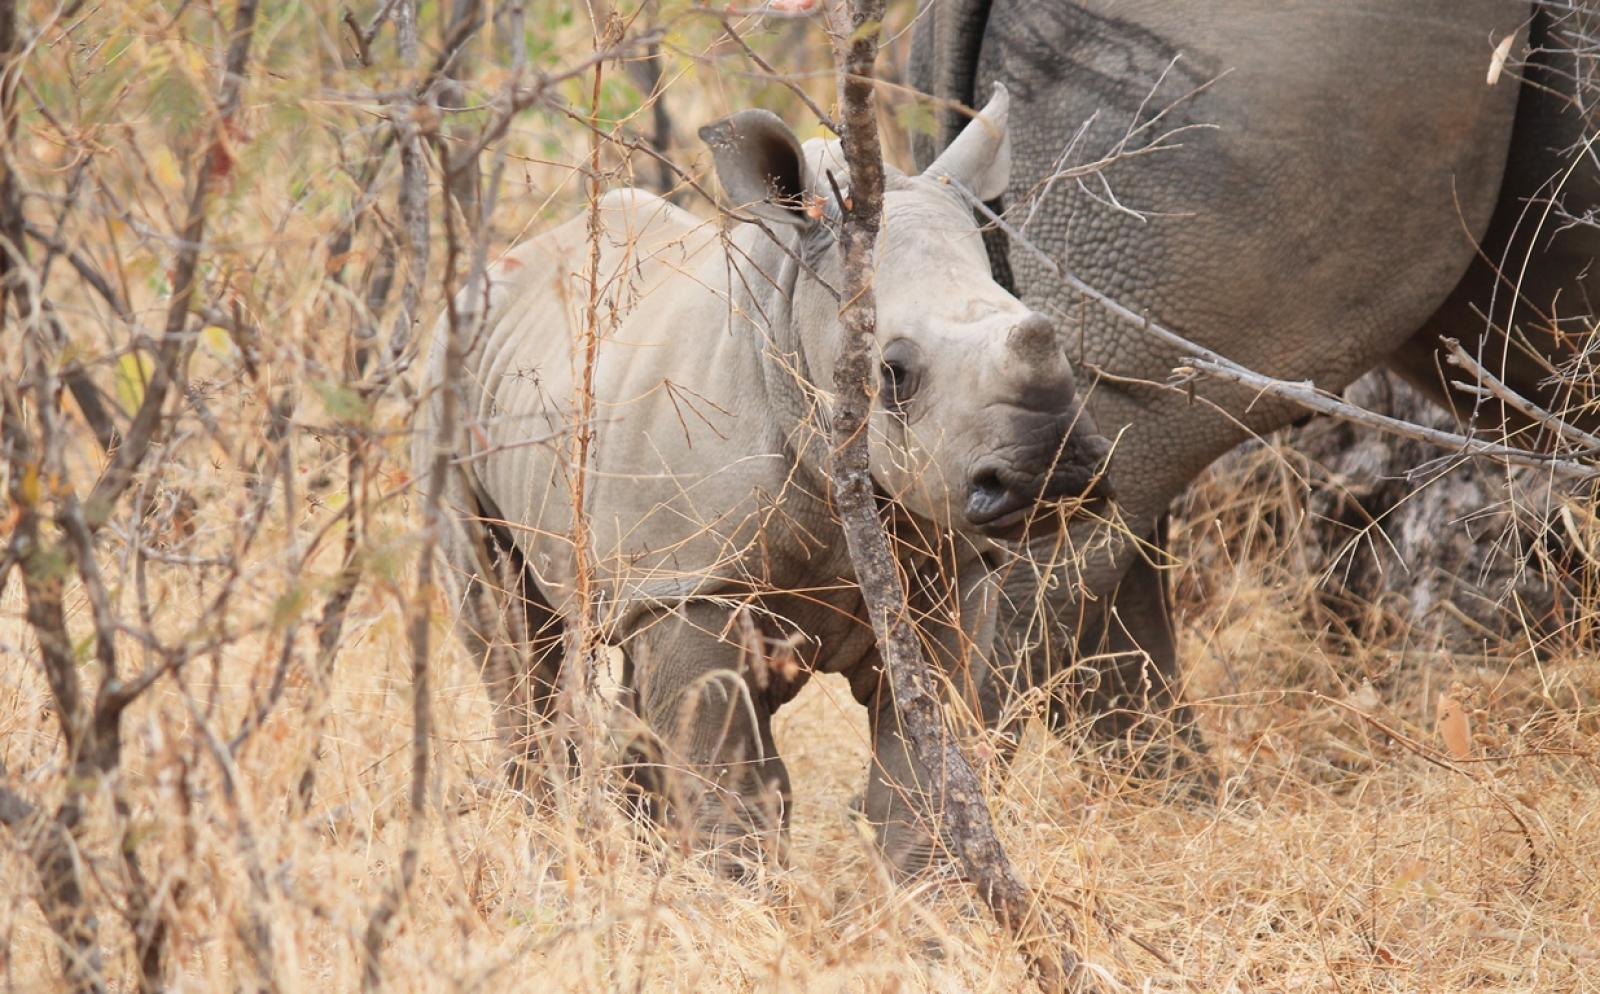 アフリカ大陸のボツワナに生息する野生のサイの赤ちゃん